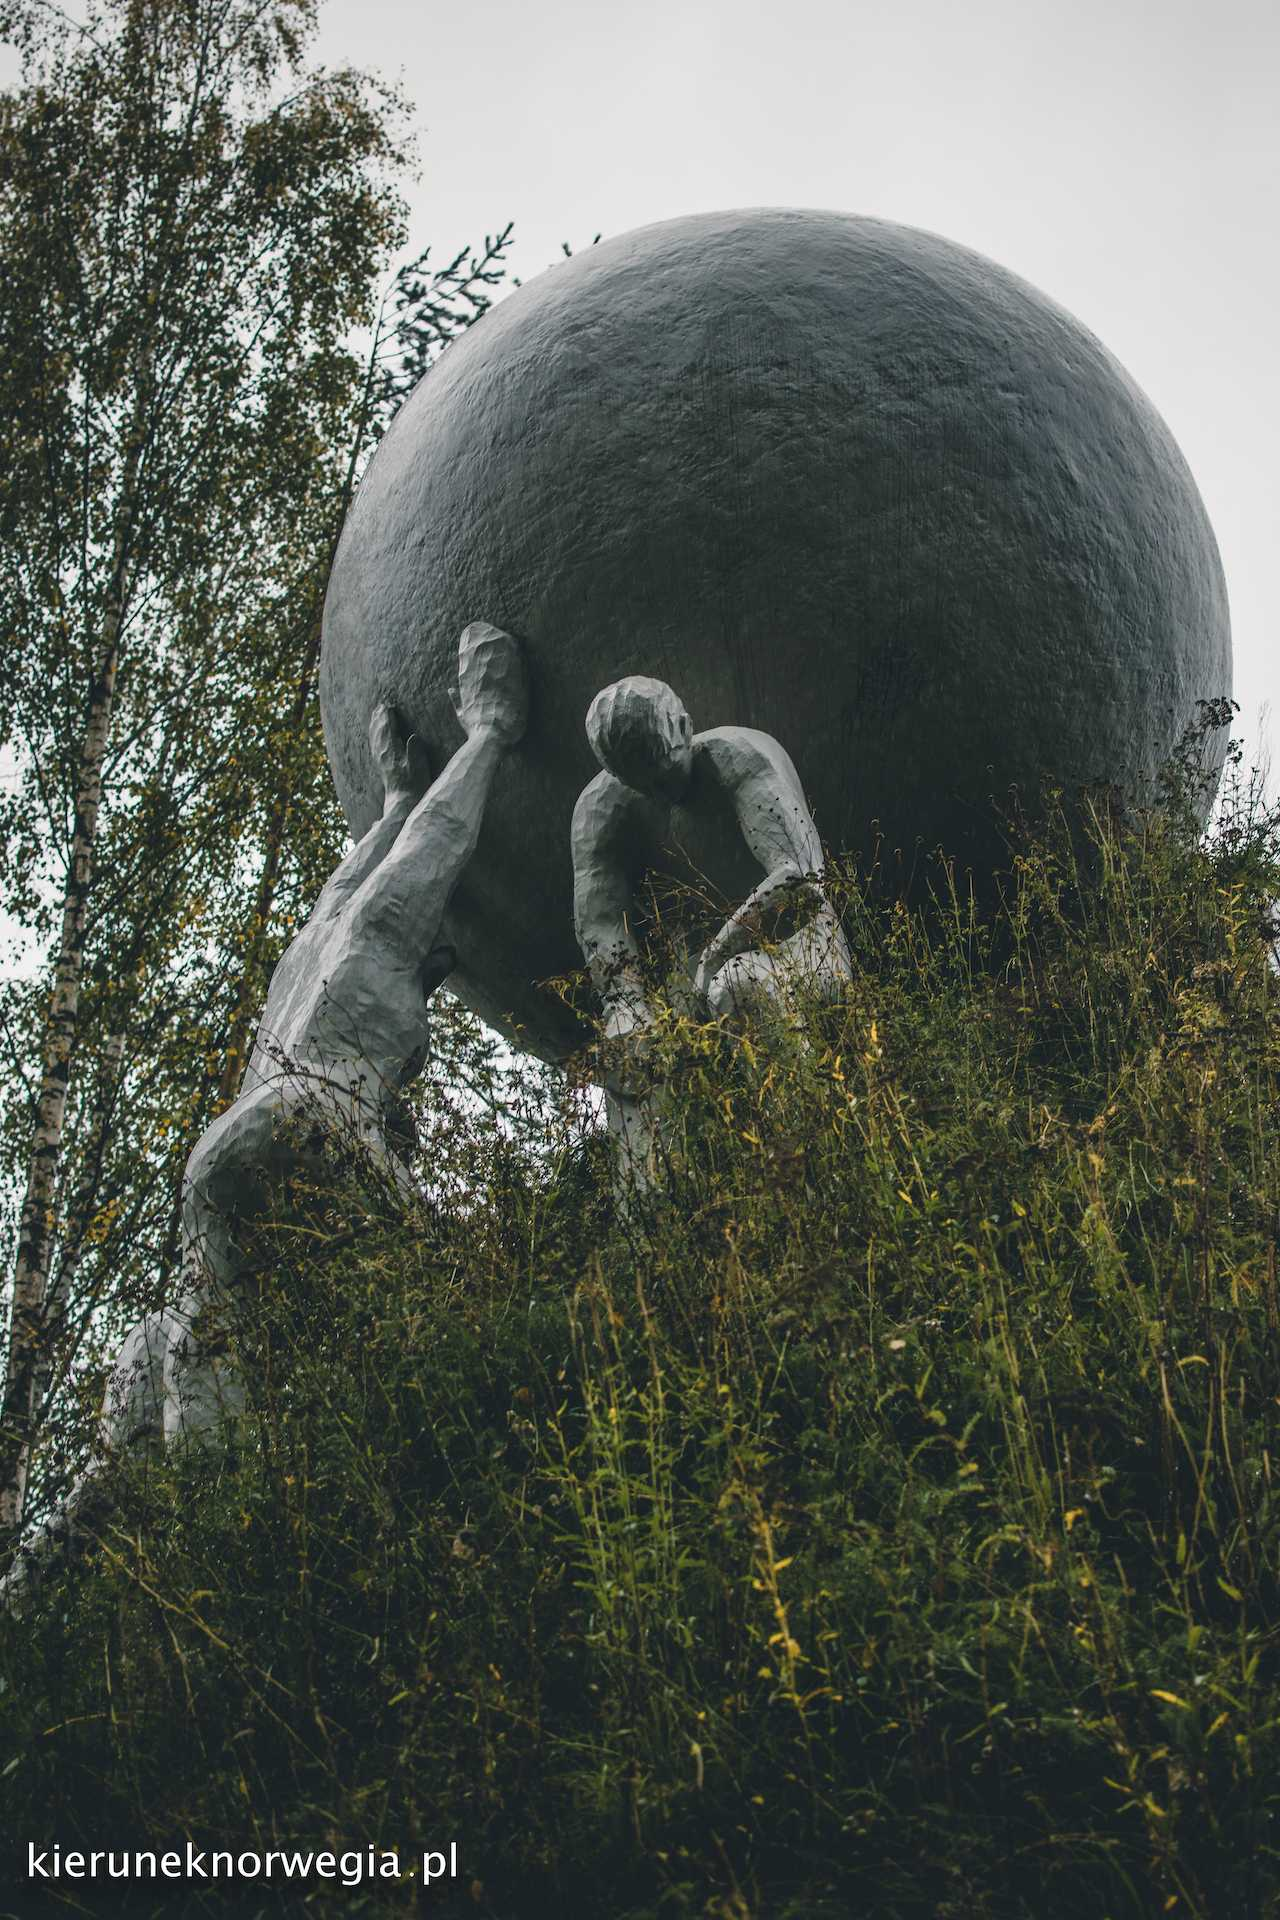 sztuka nowoczesna wNorwegii